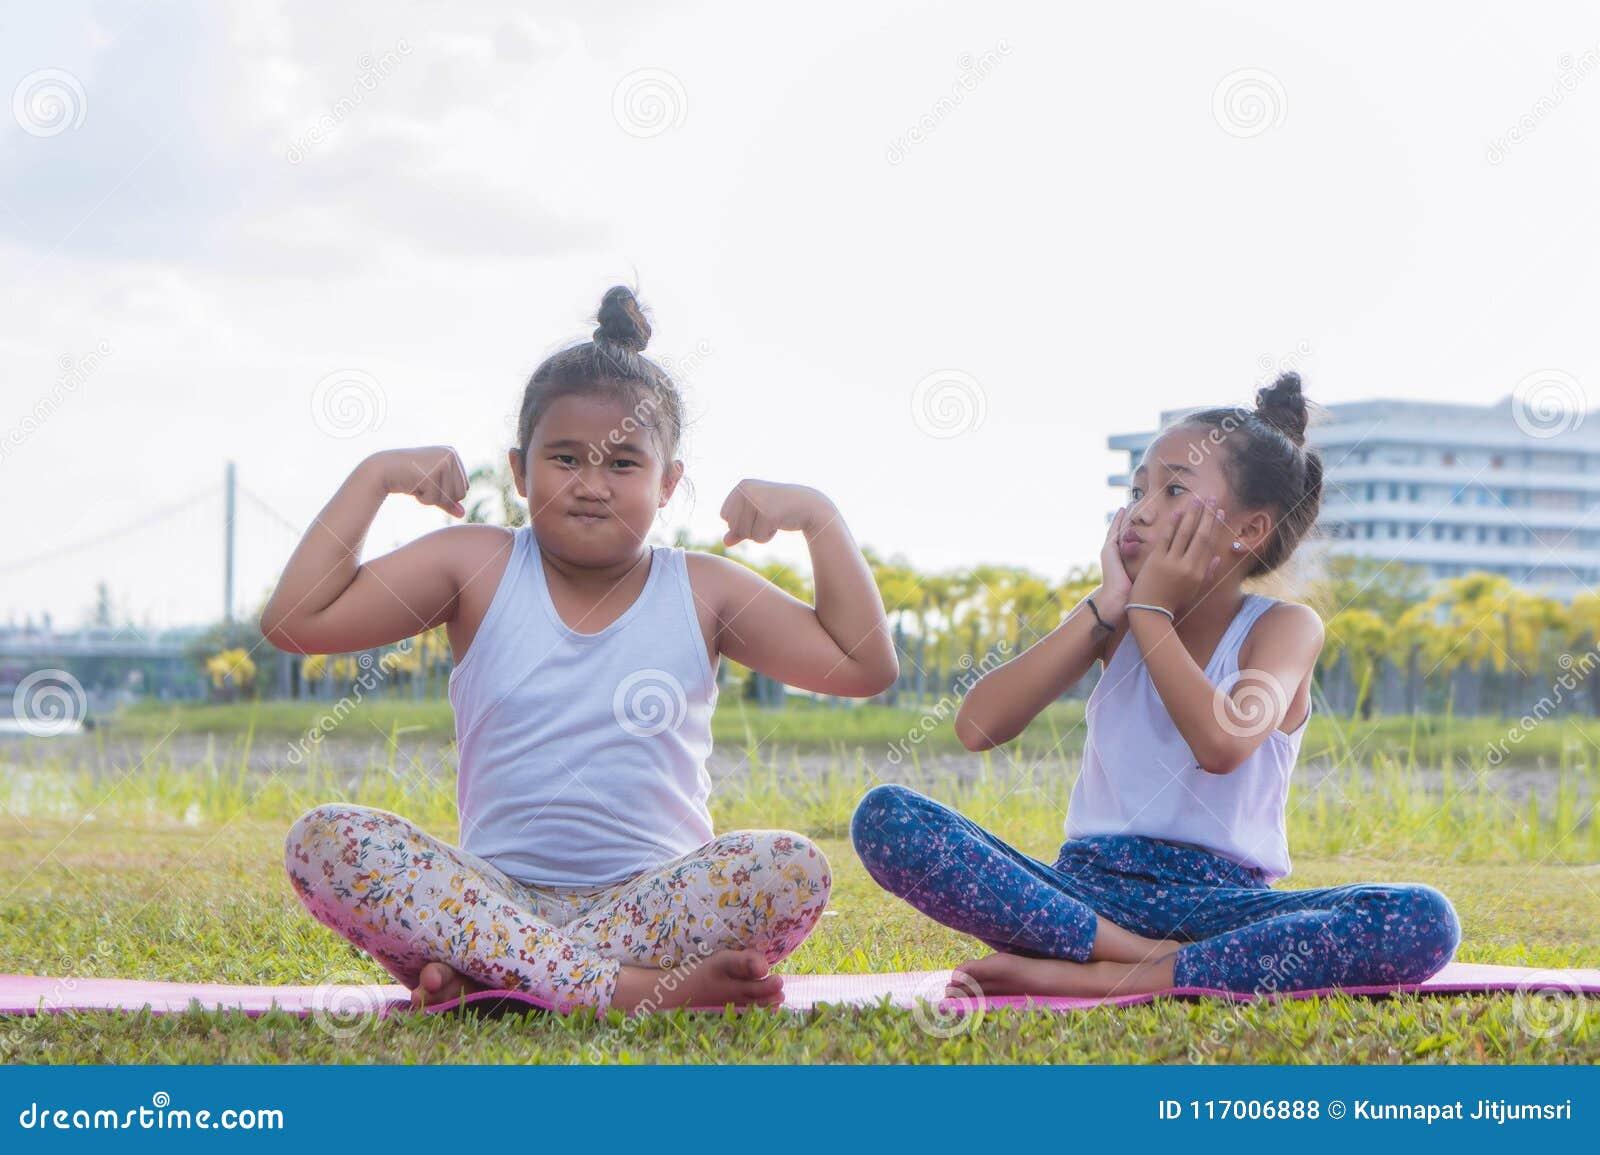 Cienki dziewczyny bawić się i zabawę w parku, dziecko